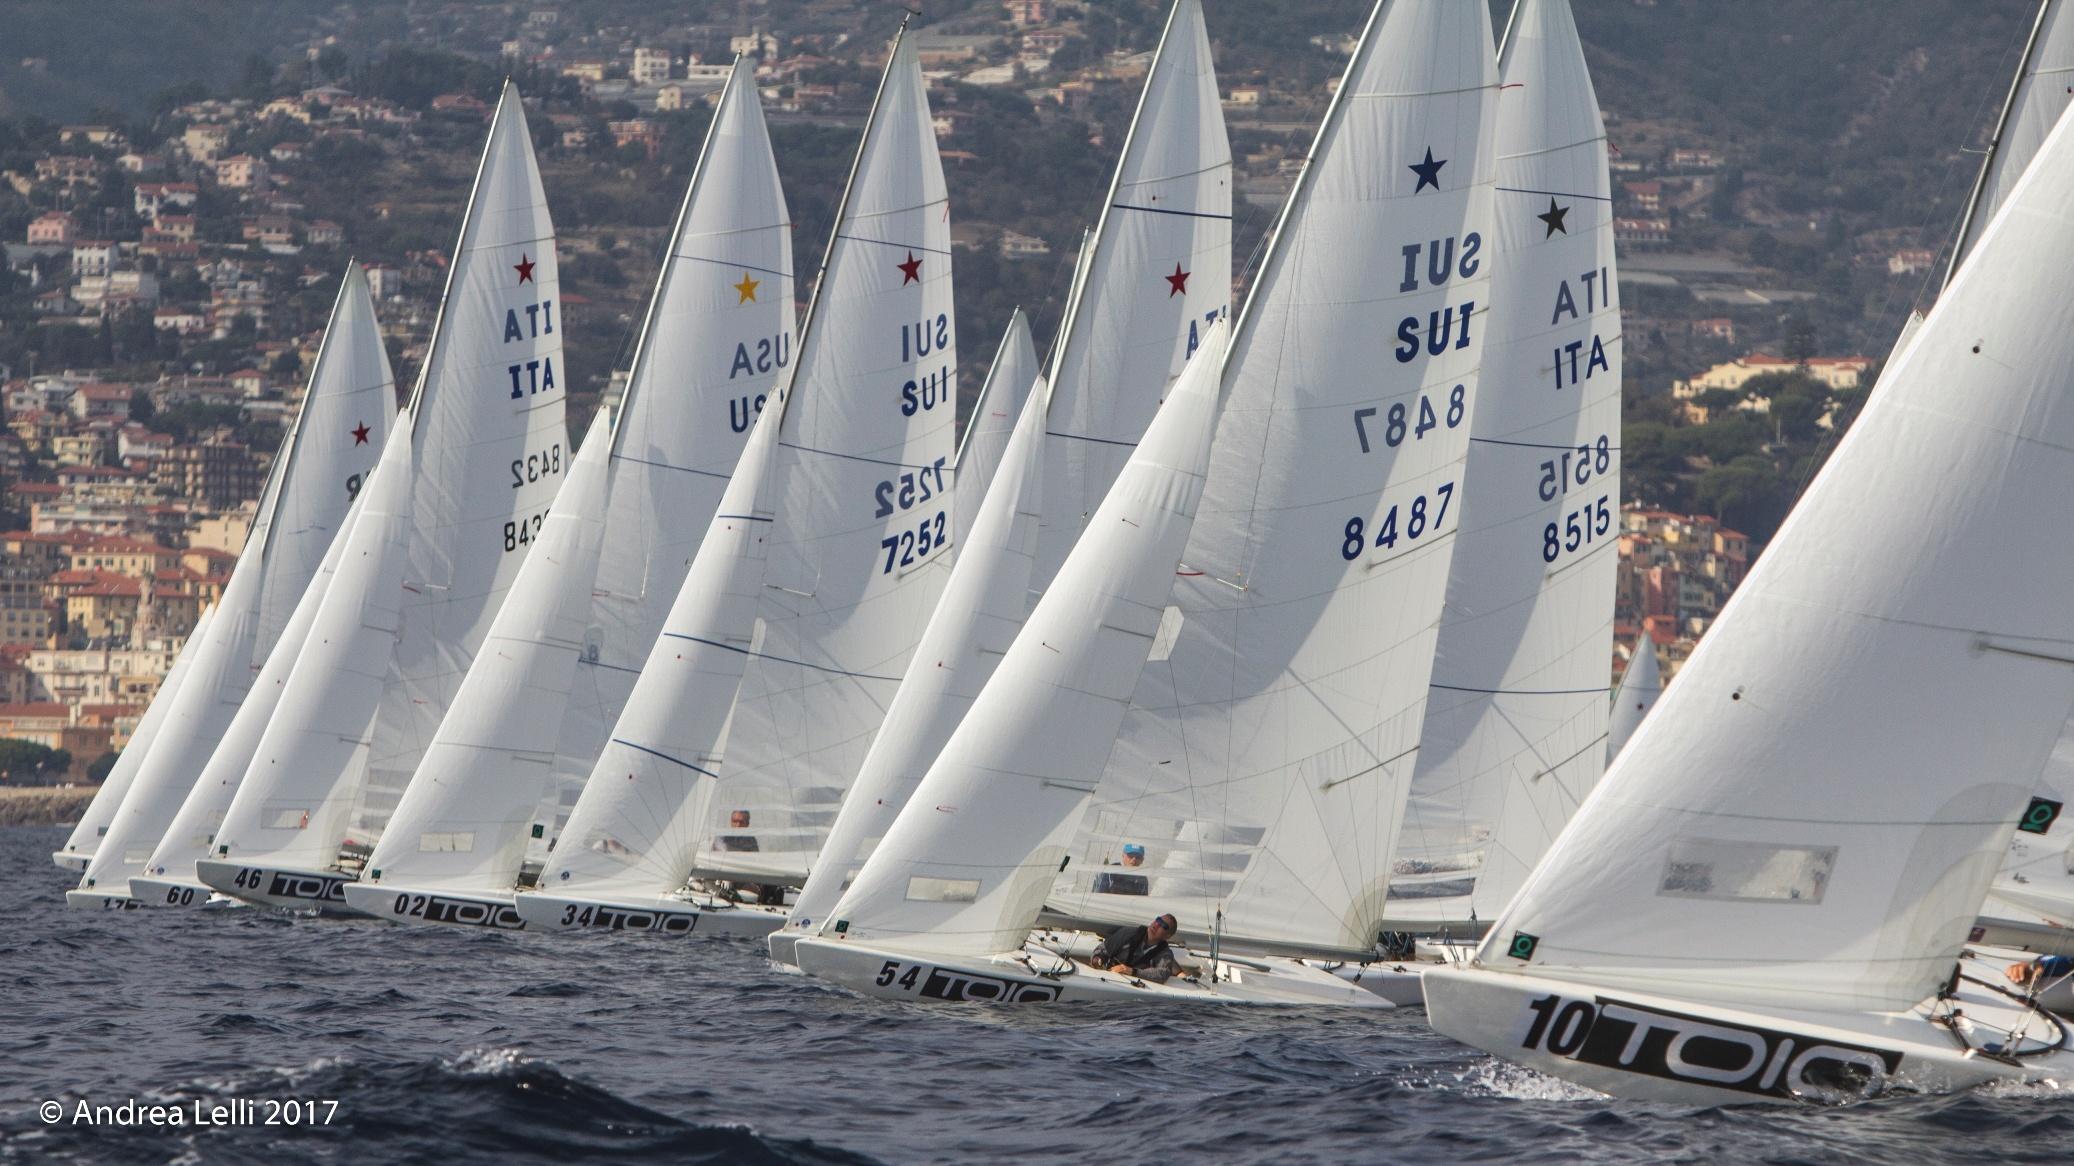 Sta per prendere vita la seconda tappa del 34° Campionato Invernale West Liguria, Autunno in Regata, il cui via è fissato per il weekend del 18 e 19 novembre